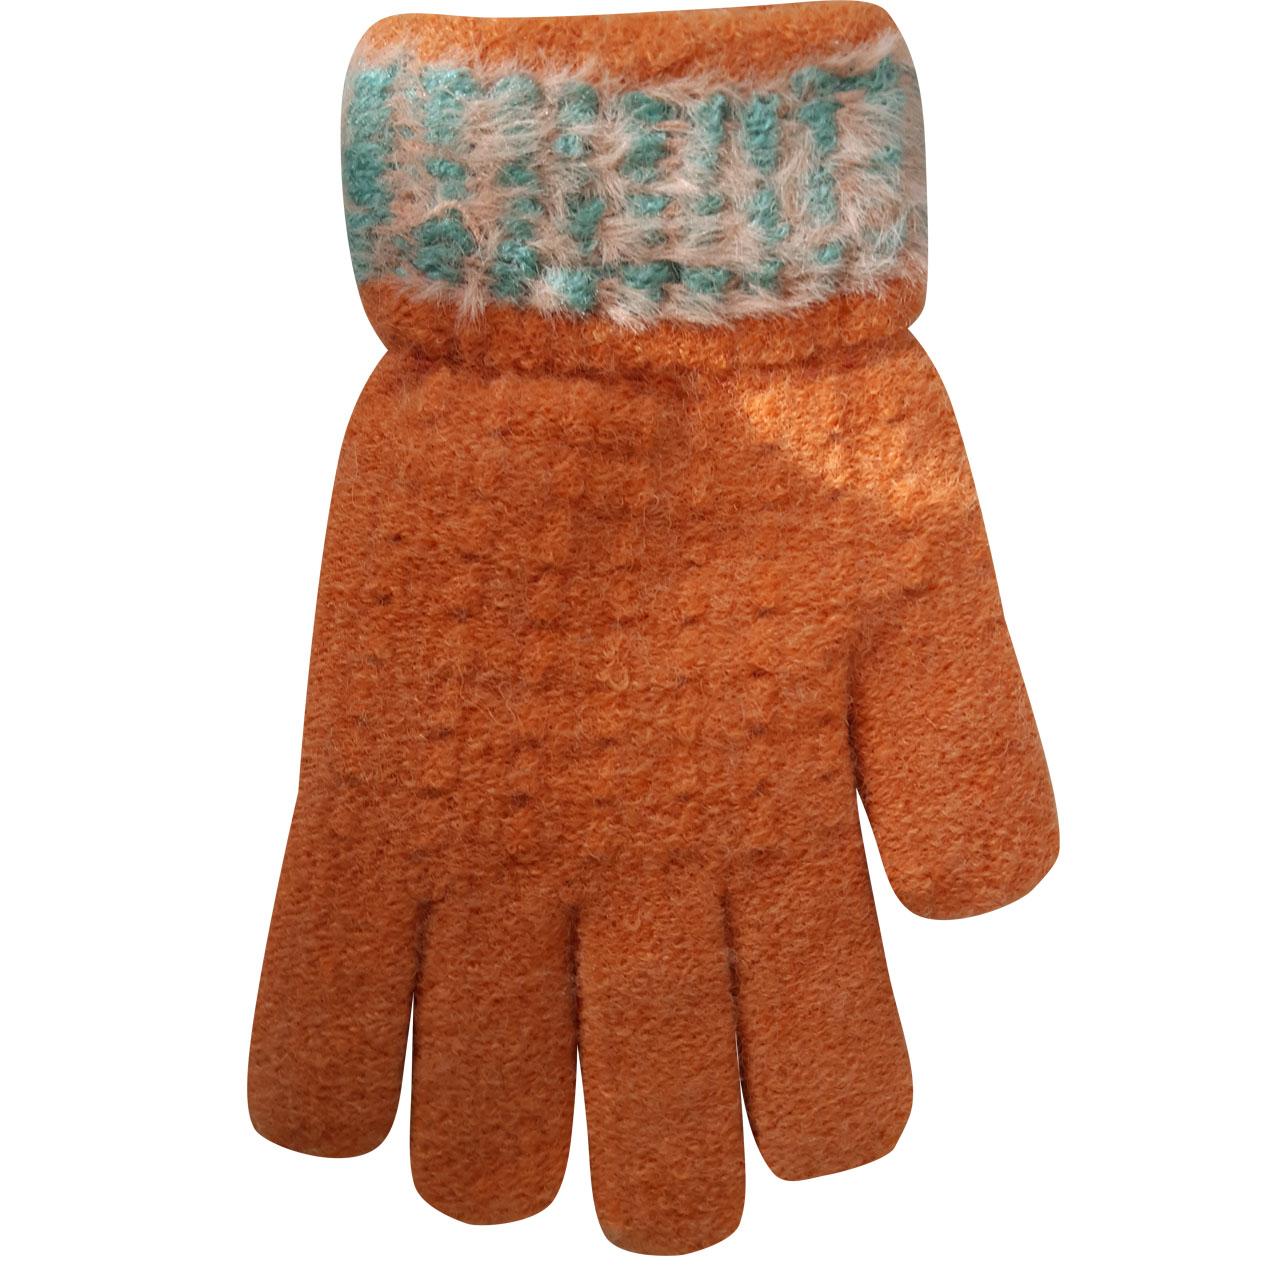 دستکش بافتنی بچگانه  کد 2696